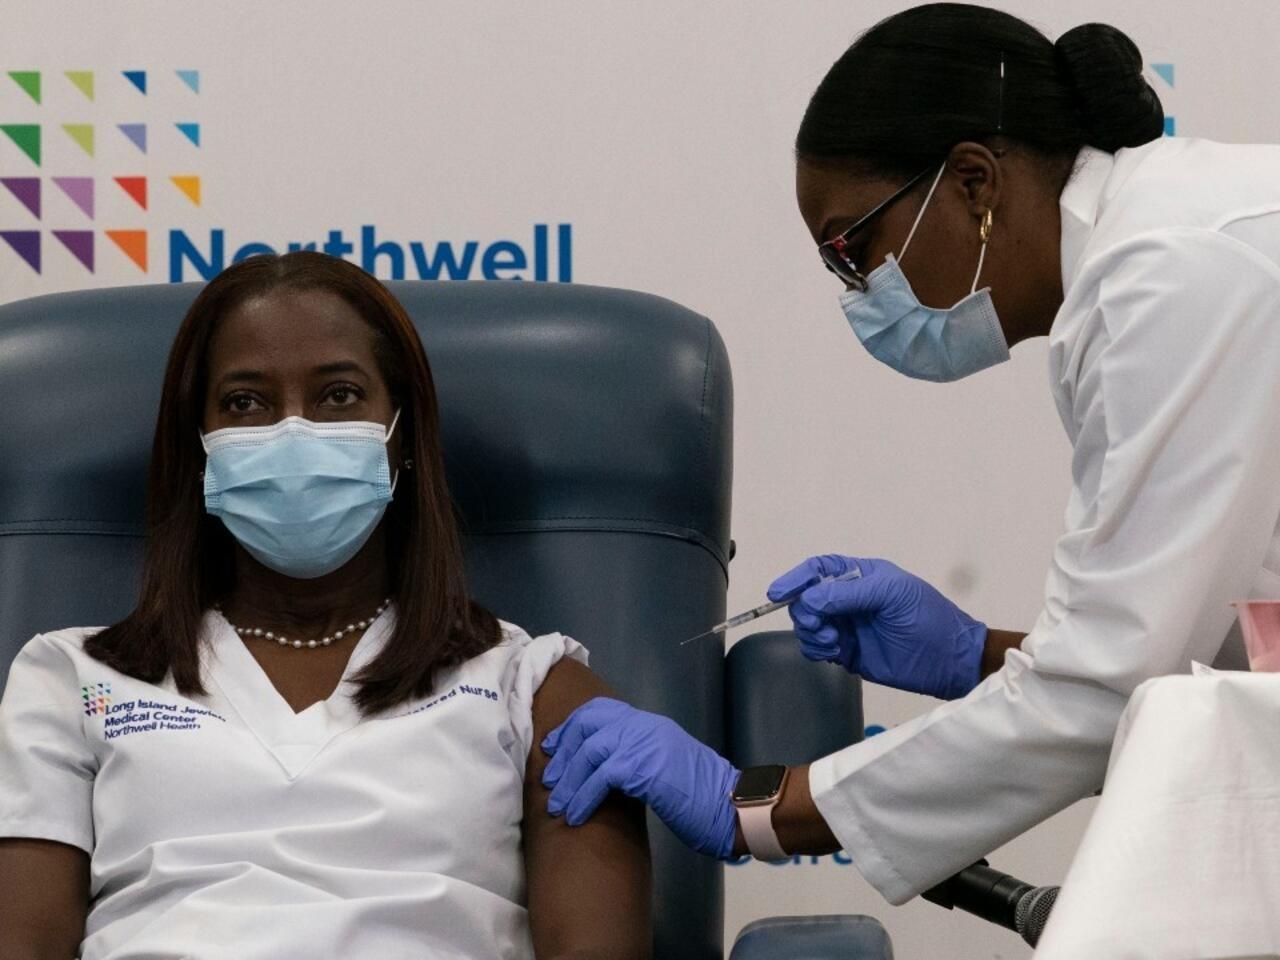 Inició la campaña de vacunación contra el Covid-19 en Estados Unidos